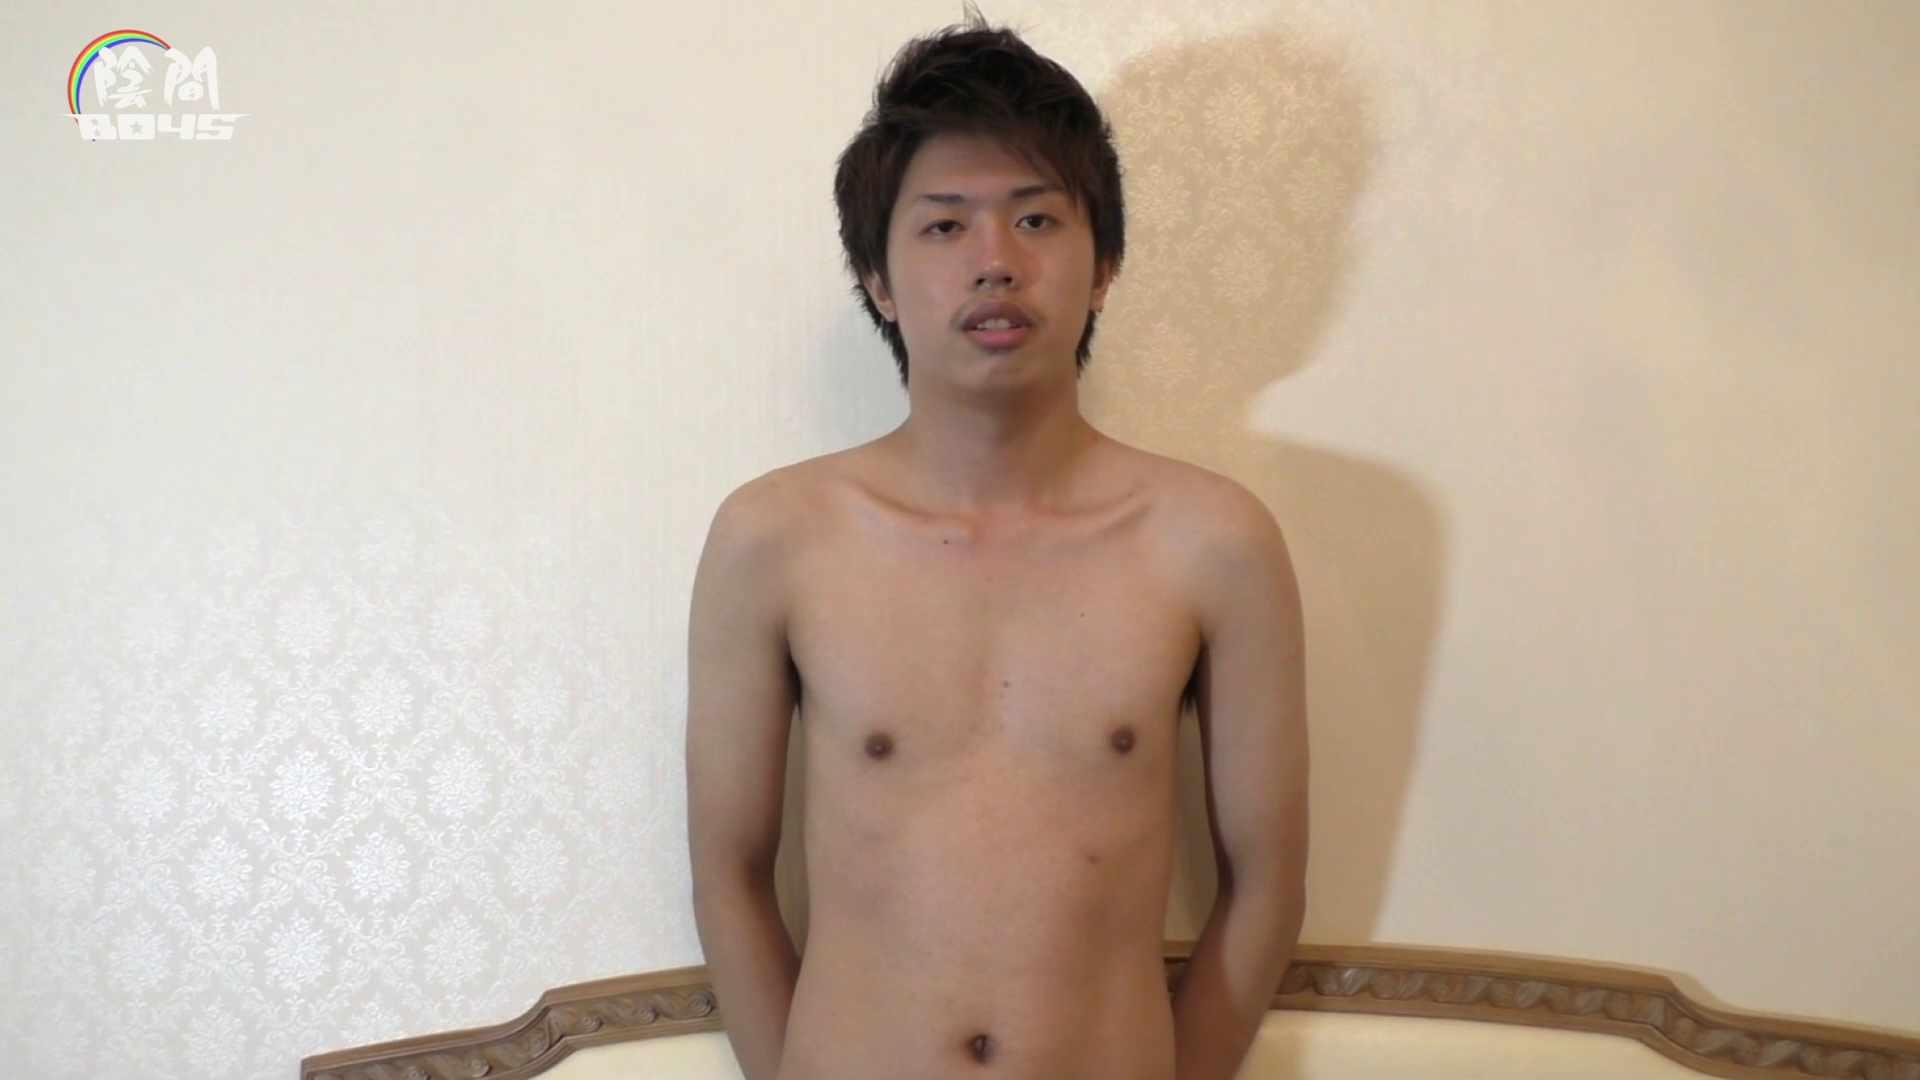 おいはカリデカ2!File.02 手コキ ゲイヌード画像 102pic 100